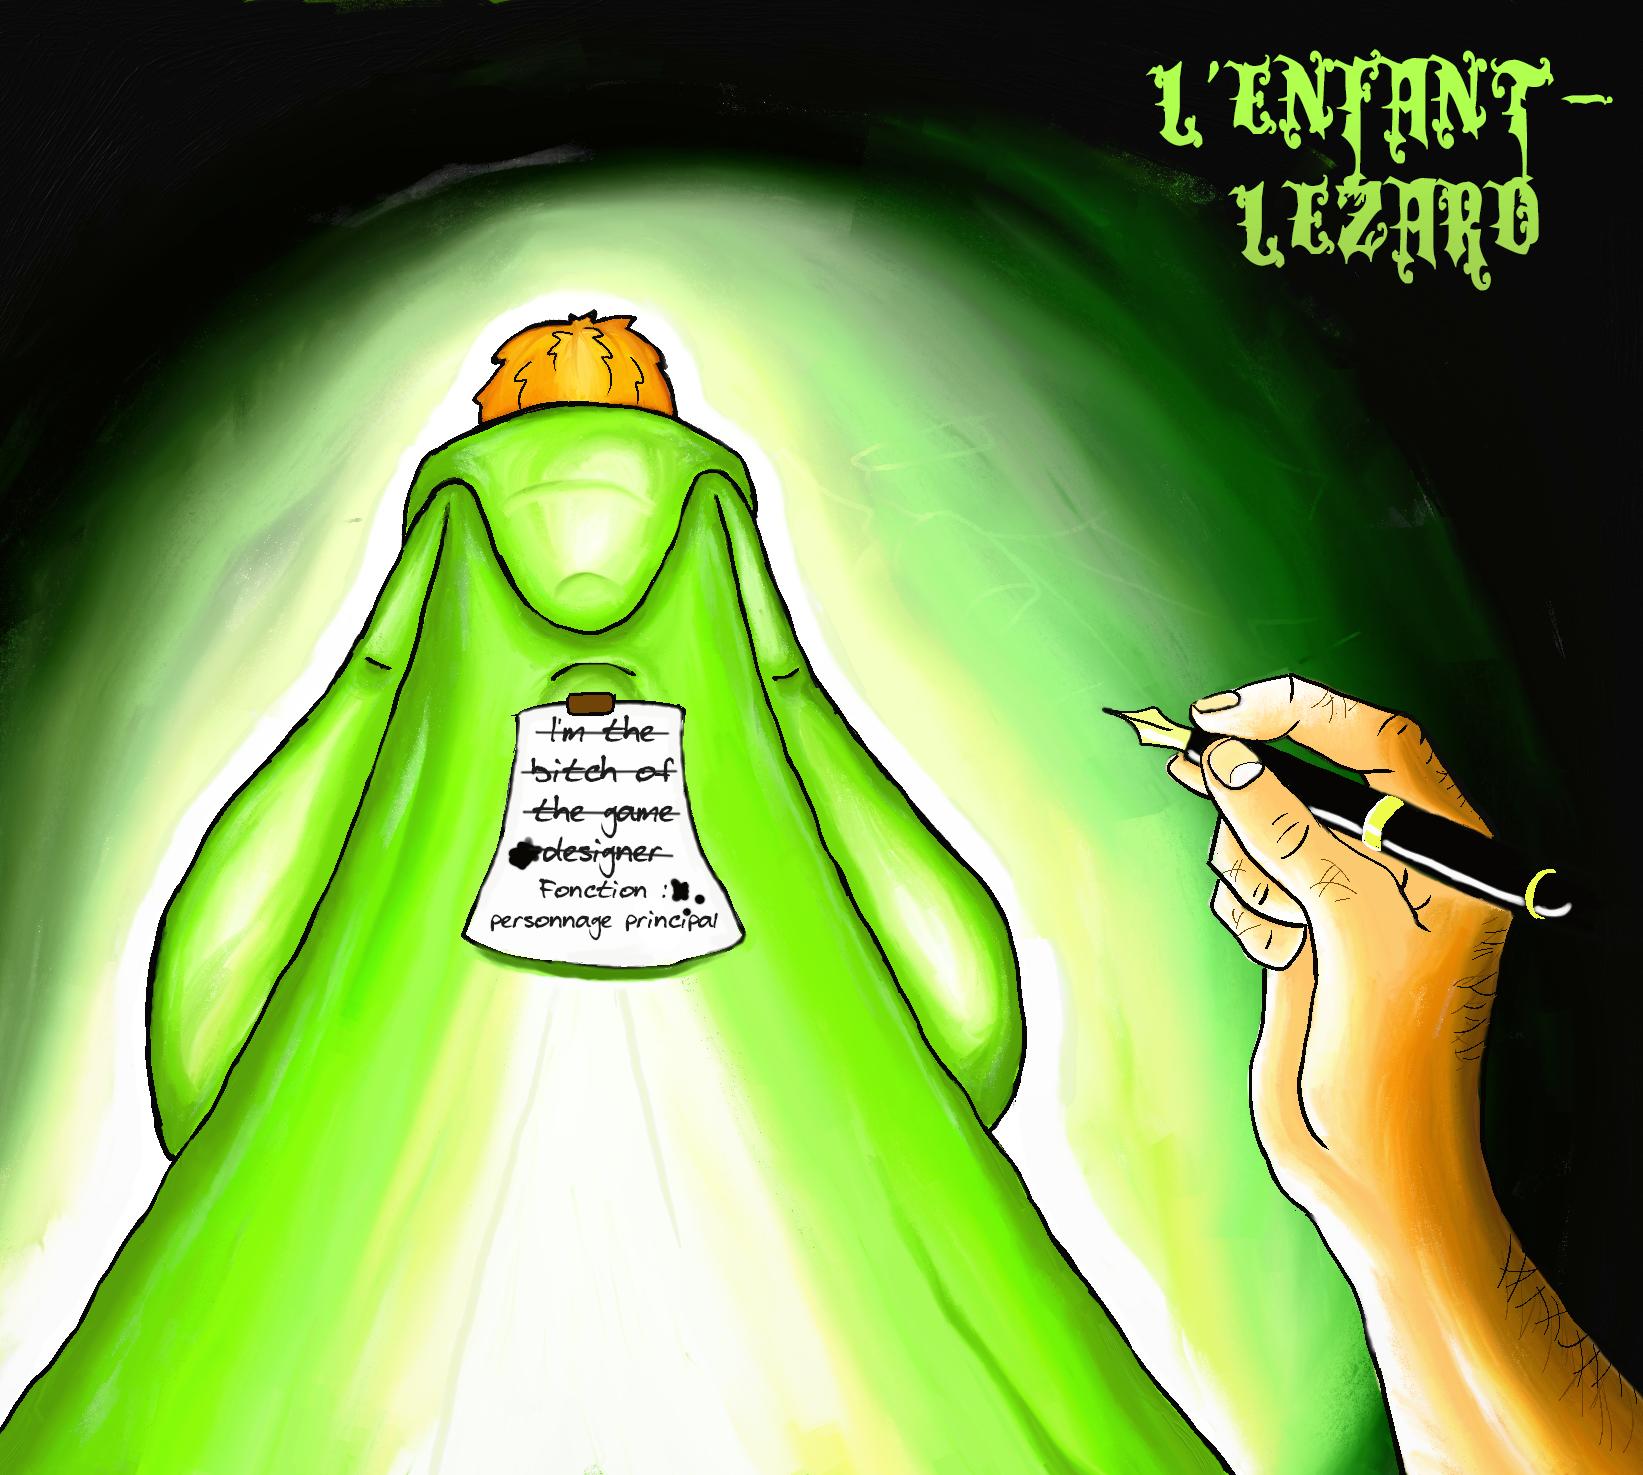 L'Enfant-Lézard : l'étrange quête d'un personnage secondaire